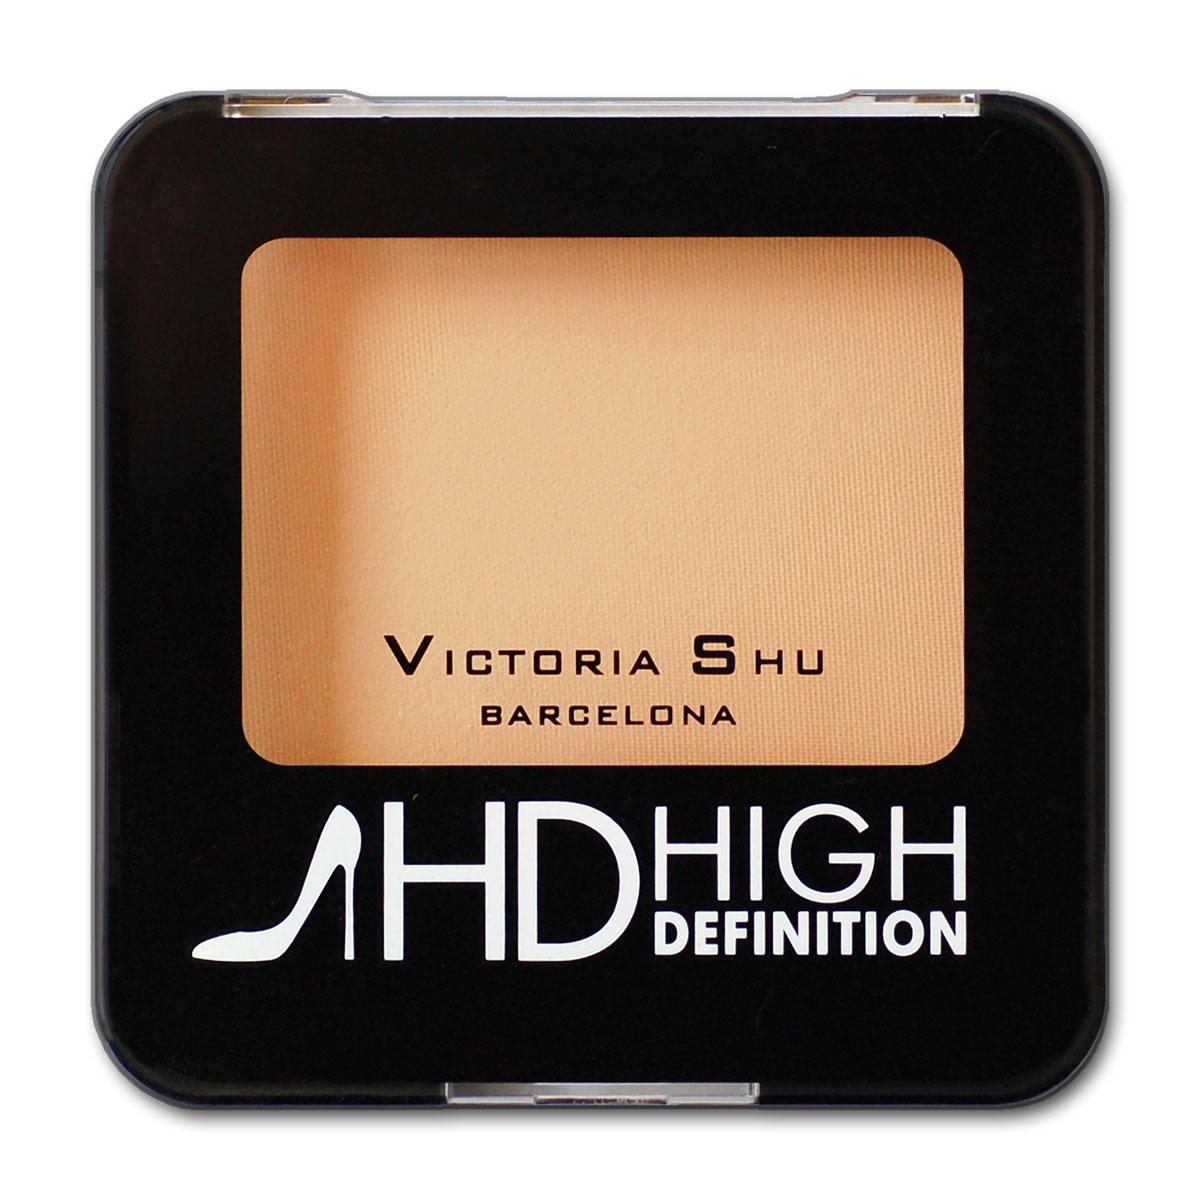 Victoria Shu Пудра компактная High Definition №313981V15571Минеральная формула в составе пудры равномерно распределяется на коже и создает мягкий soft-focus effect, скрывая мелкие морщинки и неровности. Дополнительные компоненты: витамин Е и масло ростков пшеницы обеспечивают коже эффект изнутри: Витамин Е – антиоксидант, препятствует преждевременному старению кожи, улучшая регенерацию клеток кожи. Масло ростков пшеницы - способствуют улучшению клеточного дыхания, восстановлению и питанию кожи. После нанесения пудра сливается с естественным тоном кожи и сохраняет свою мягкость, делает морщинки и недостатки на лице менее заметными.